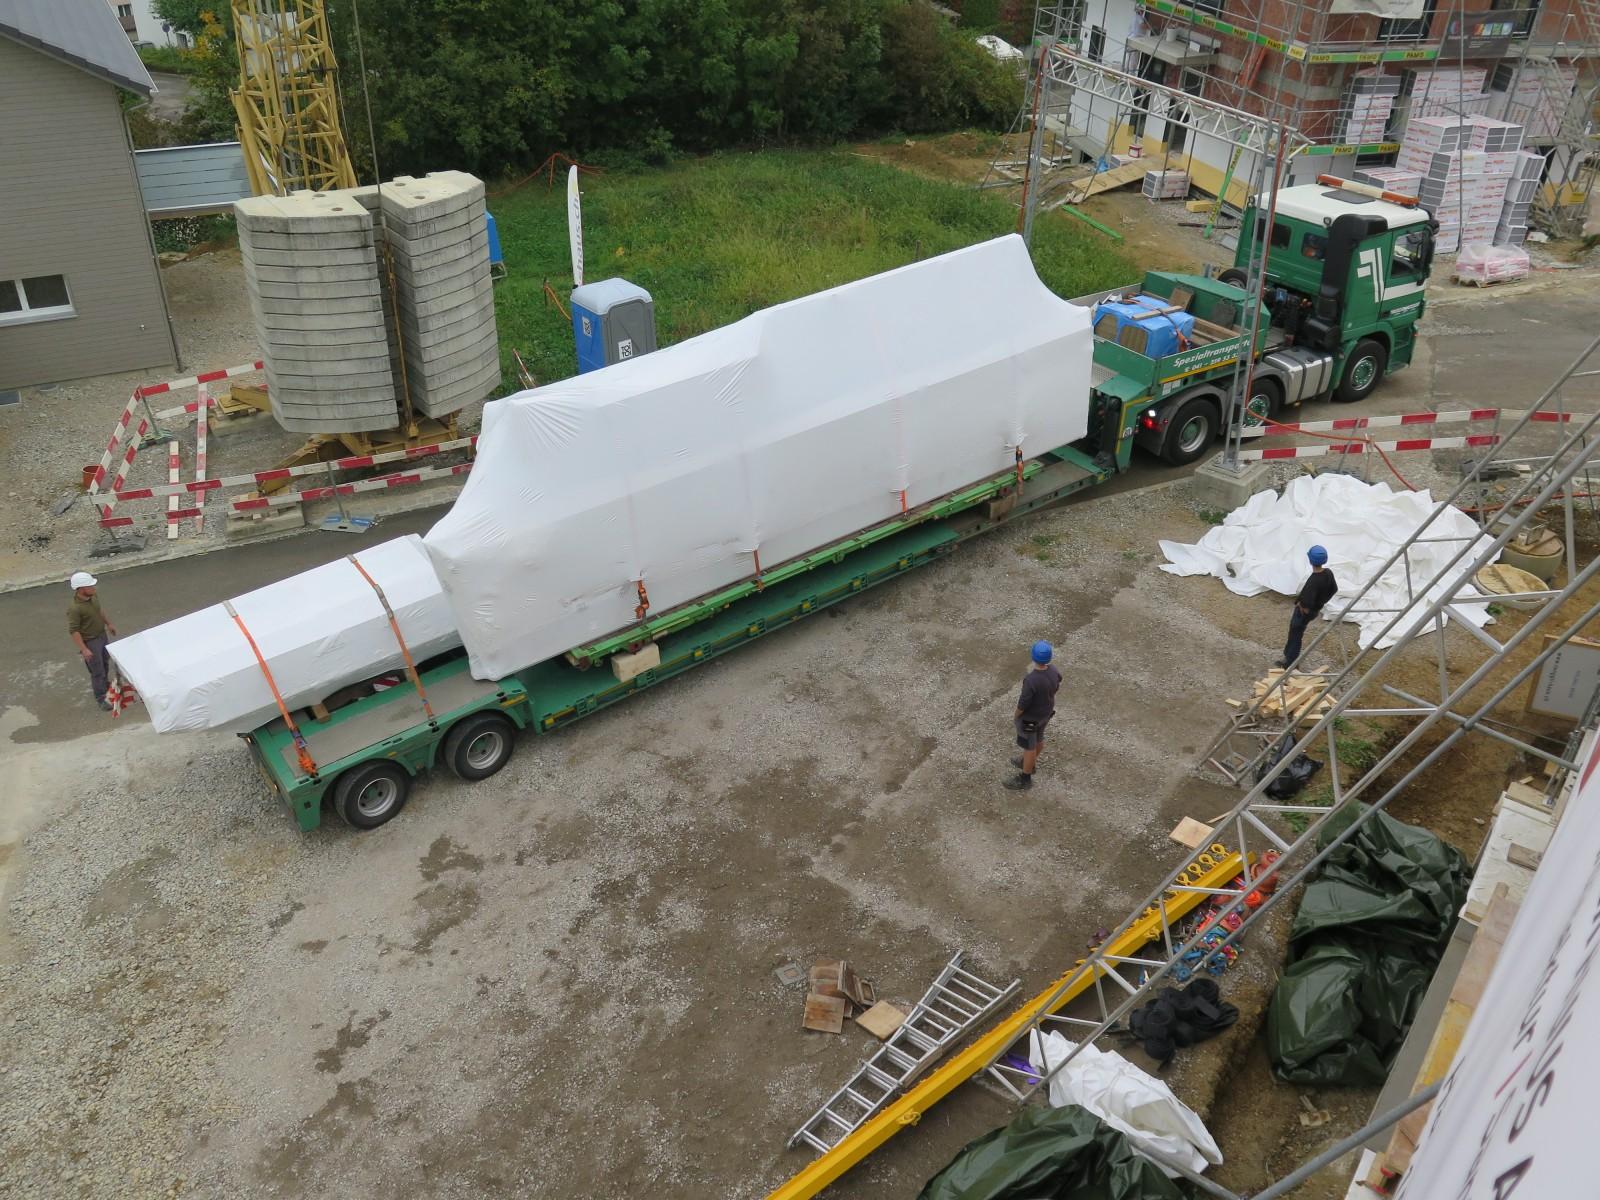 Der Lastwagen bringt die Holzelemente